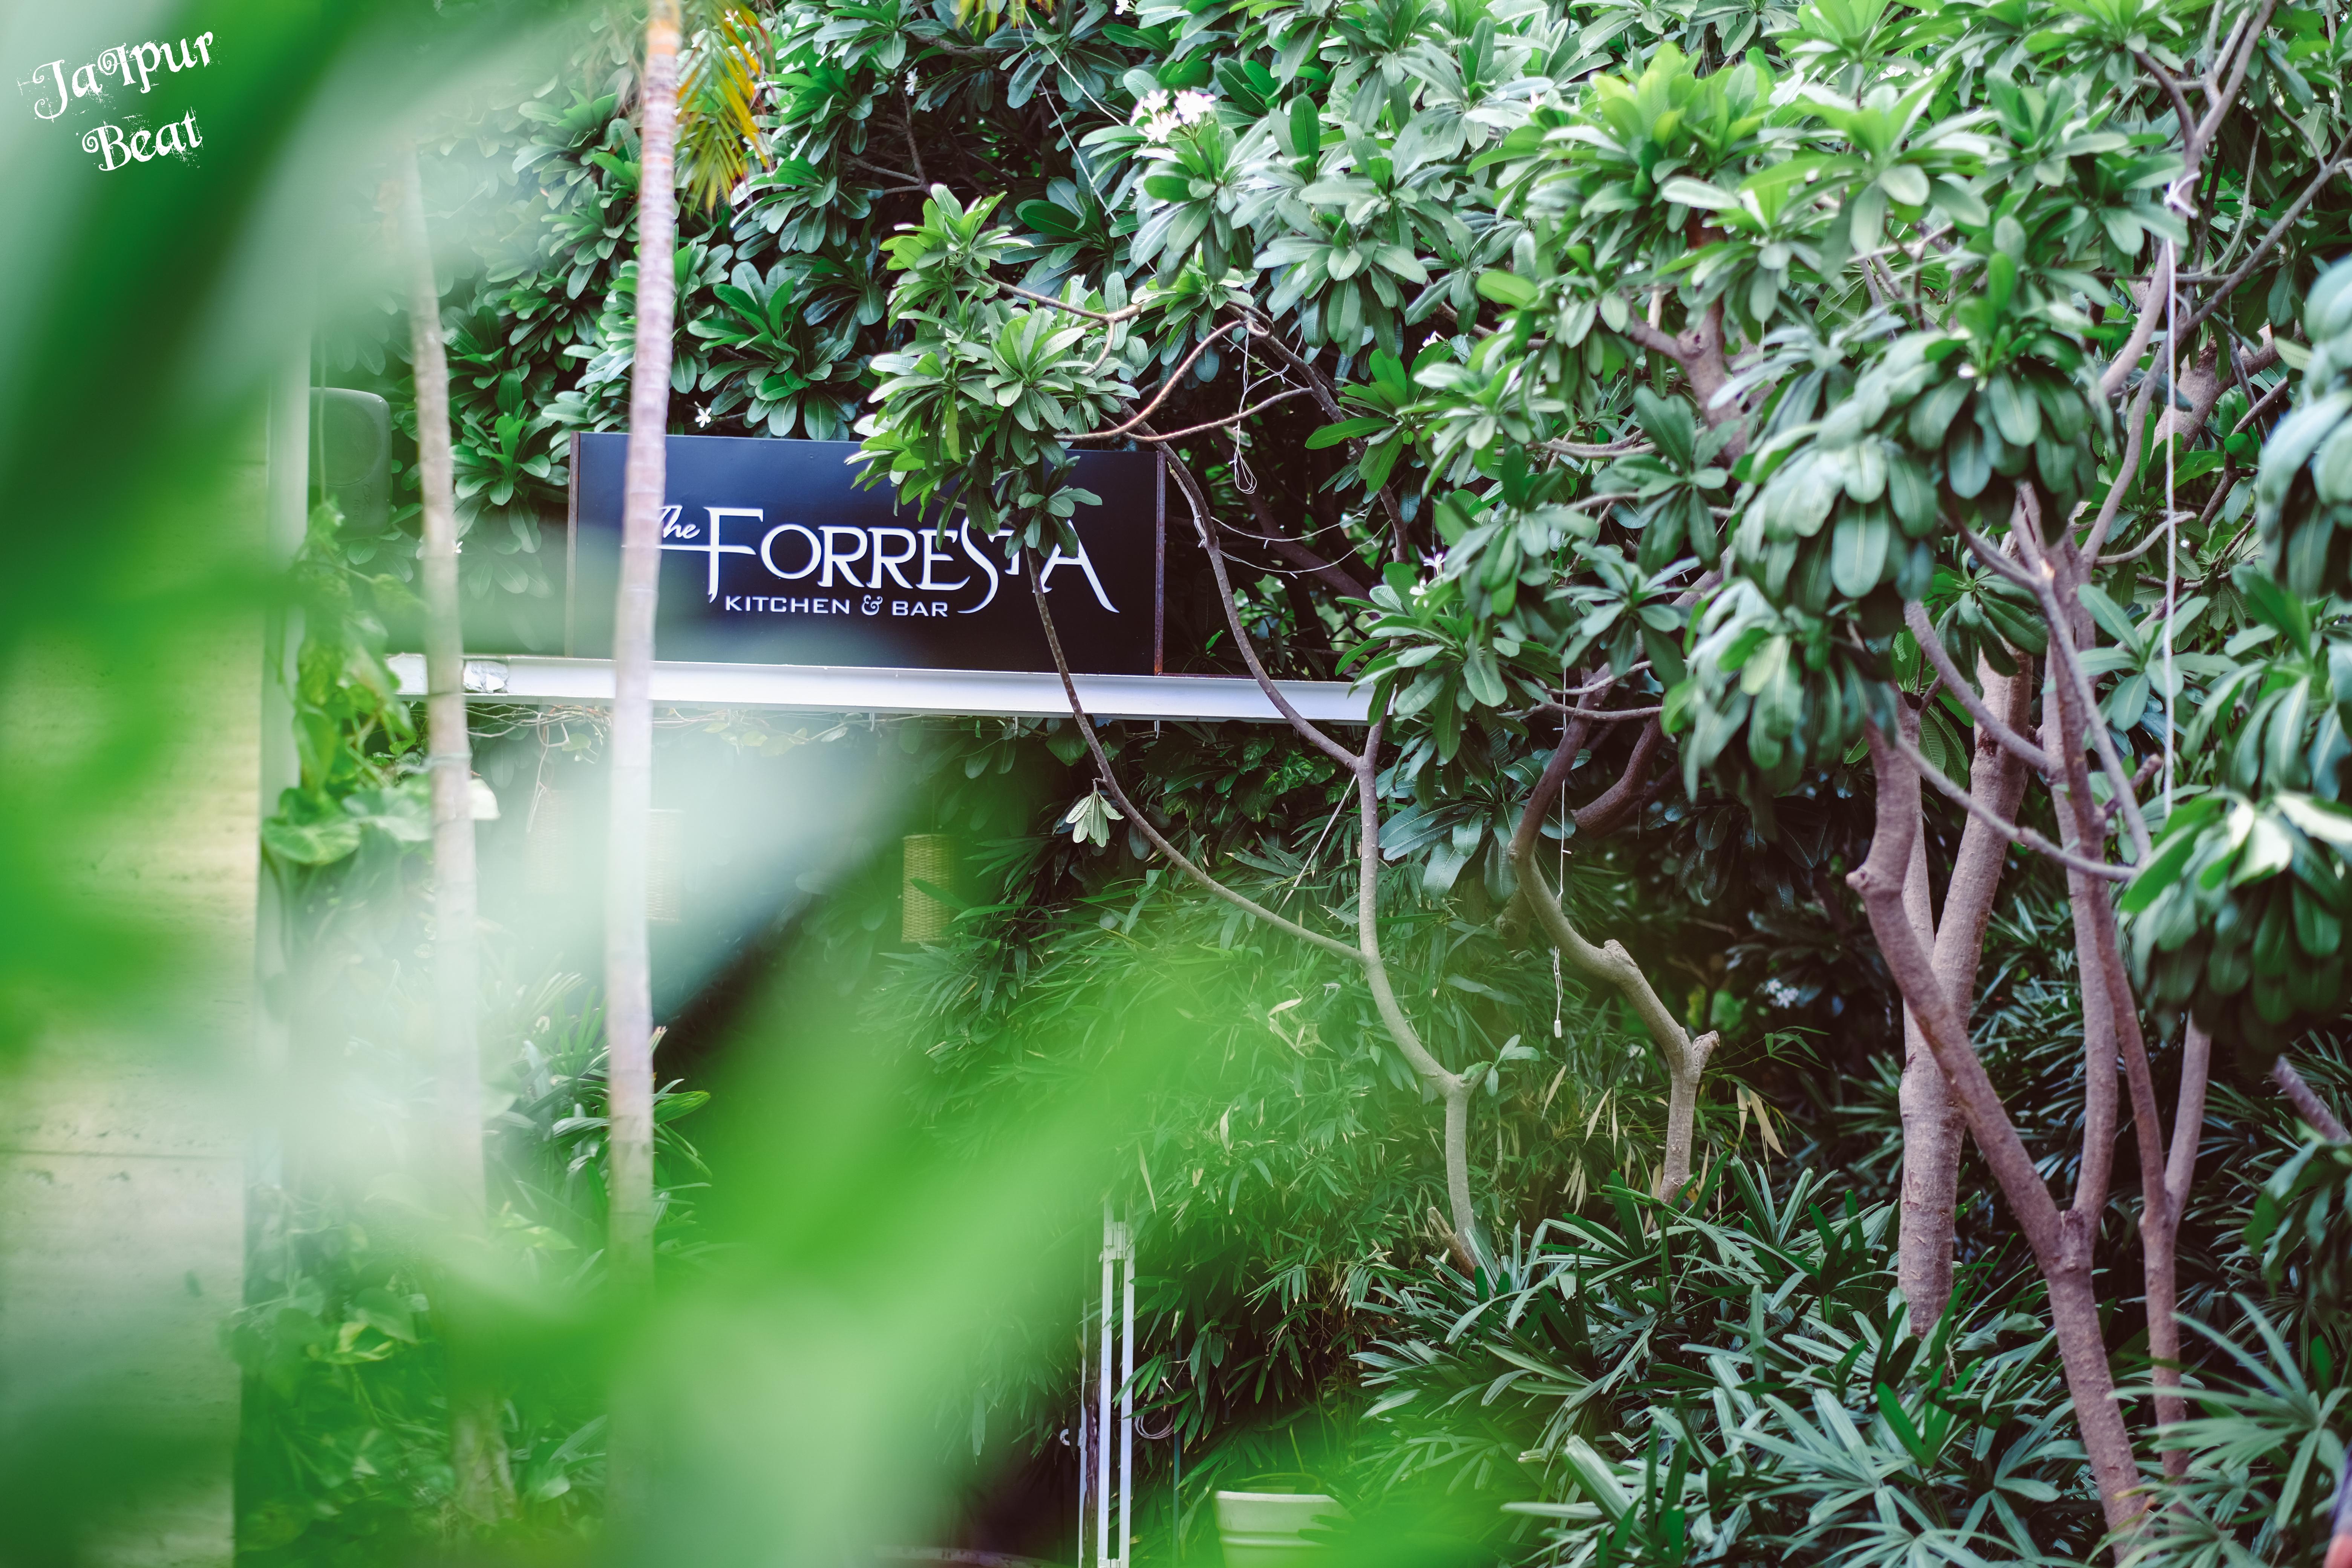 The Forresta